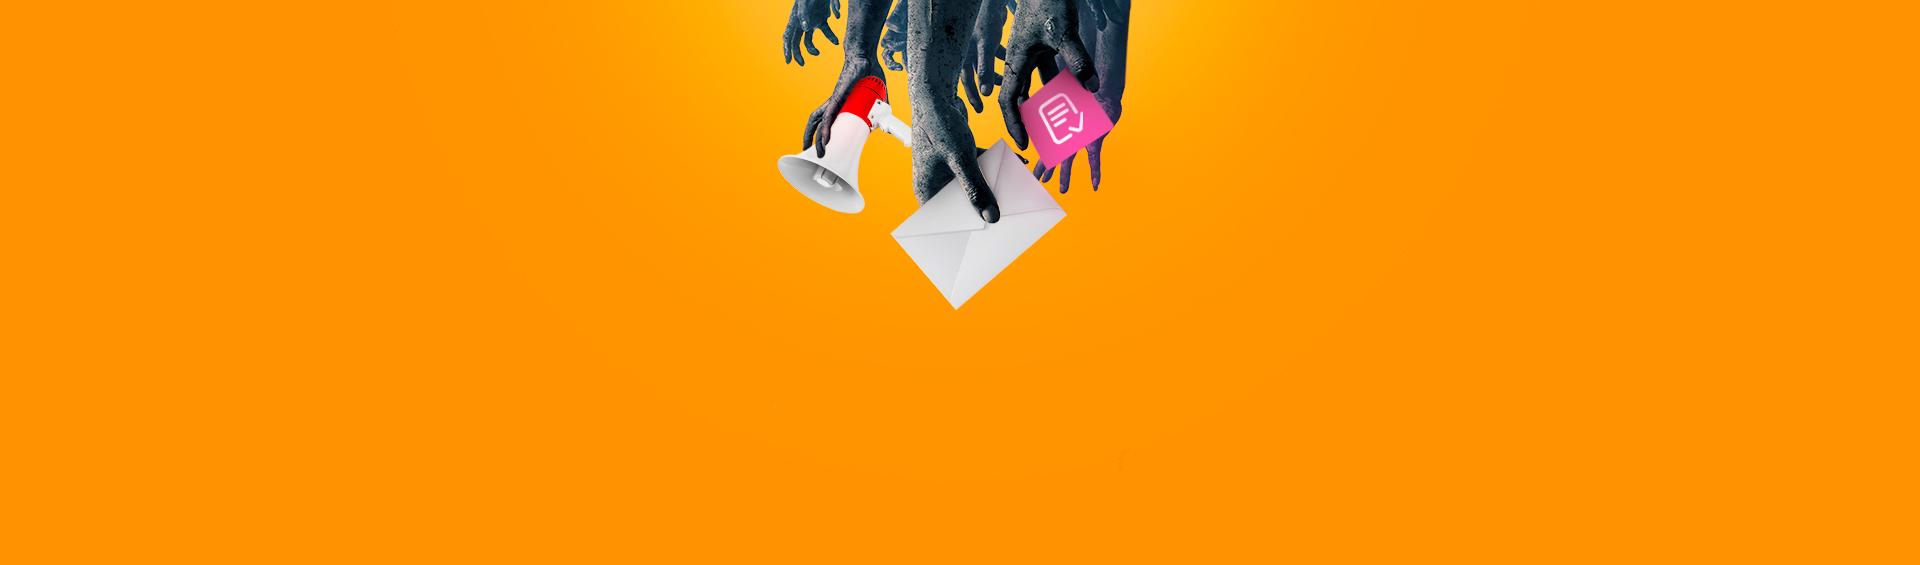 Переживетели вы Черную пятницу: тестпромаркетинг изомби